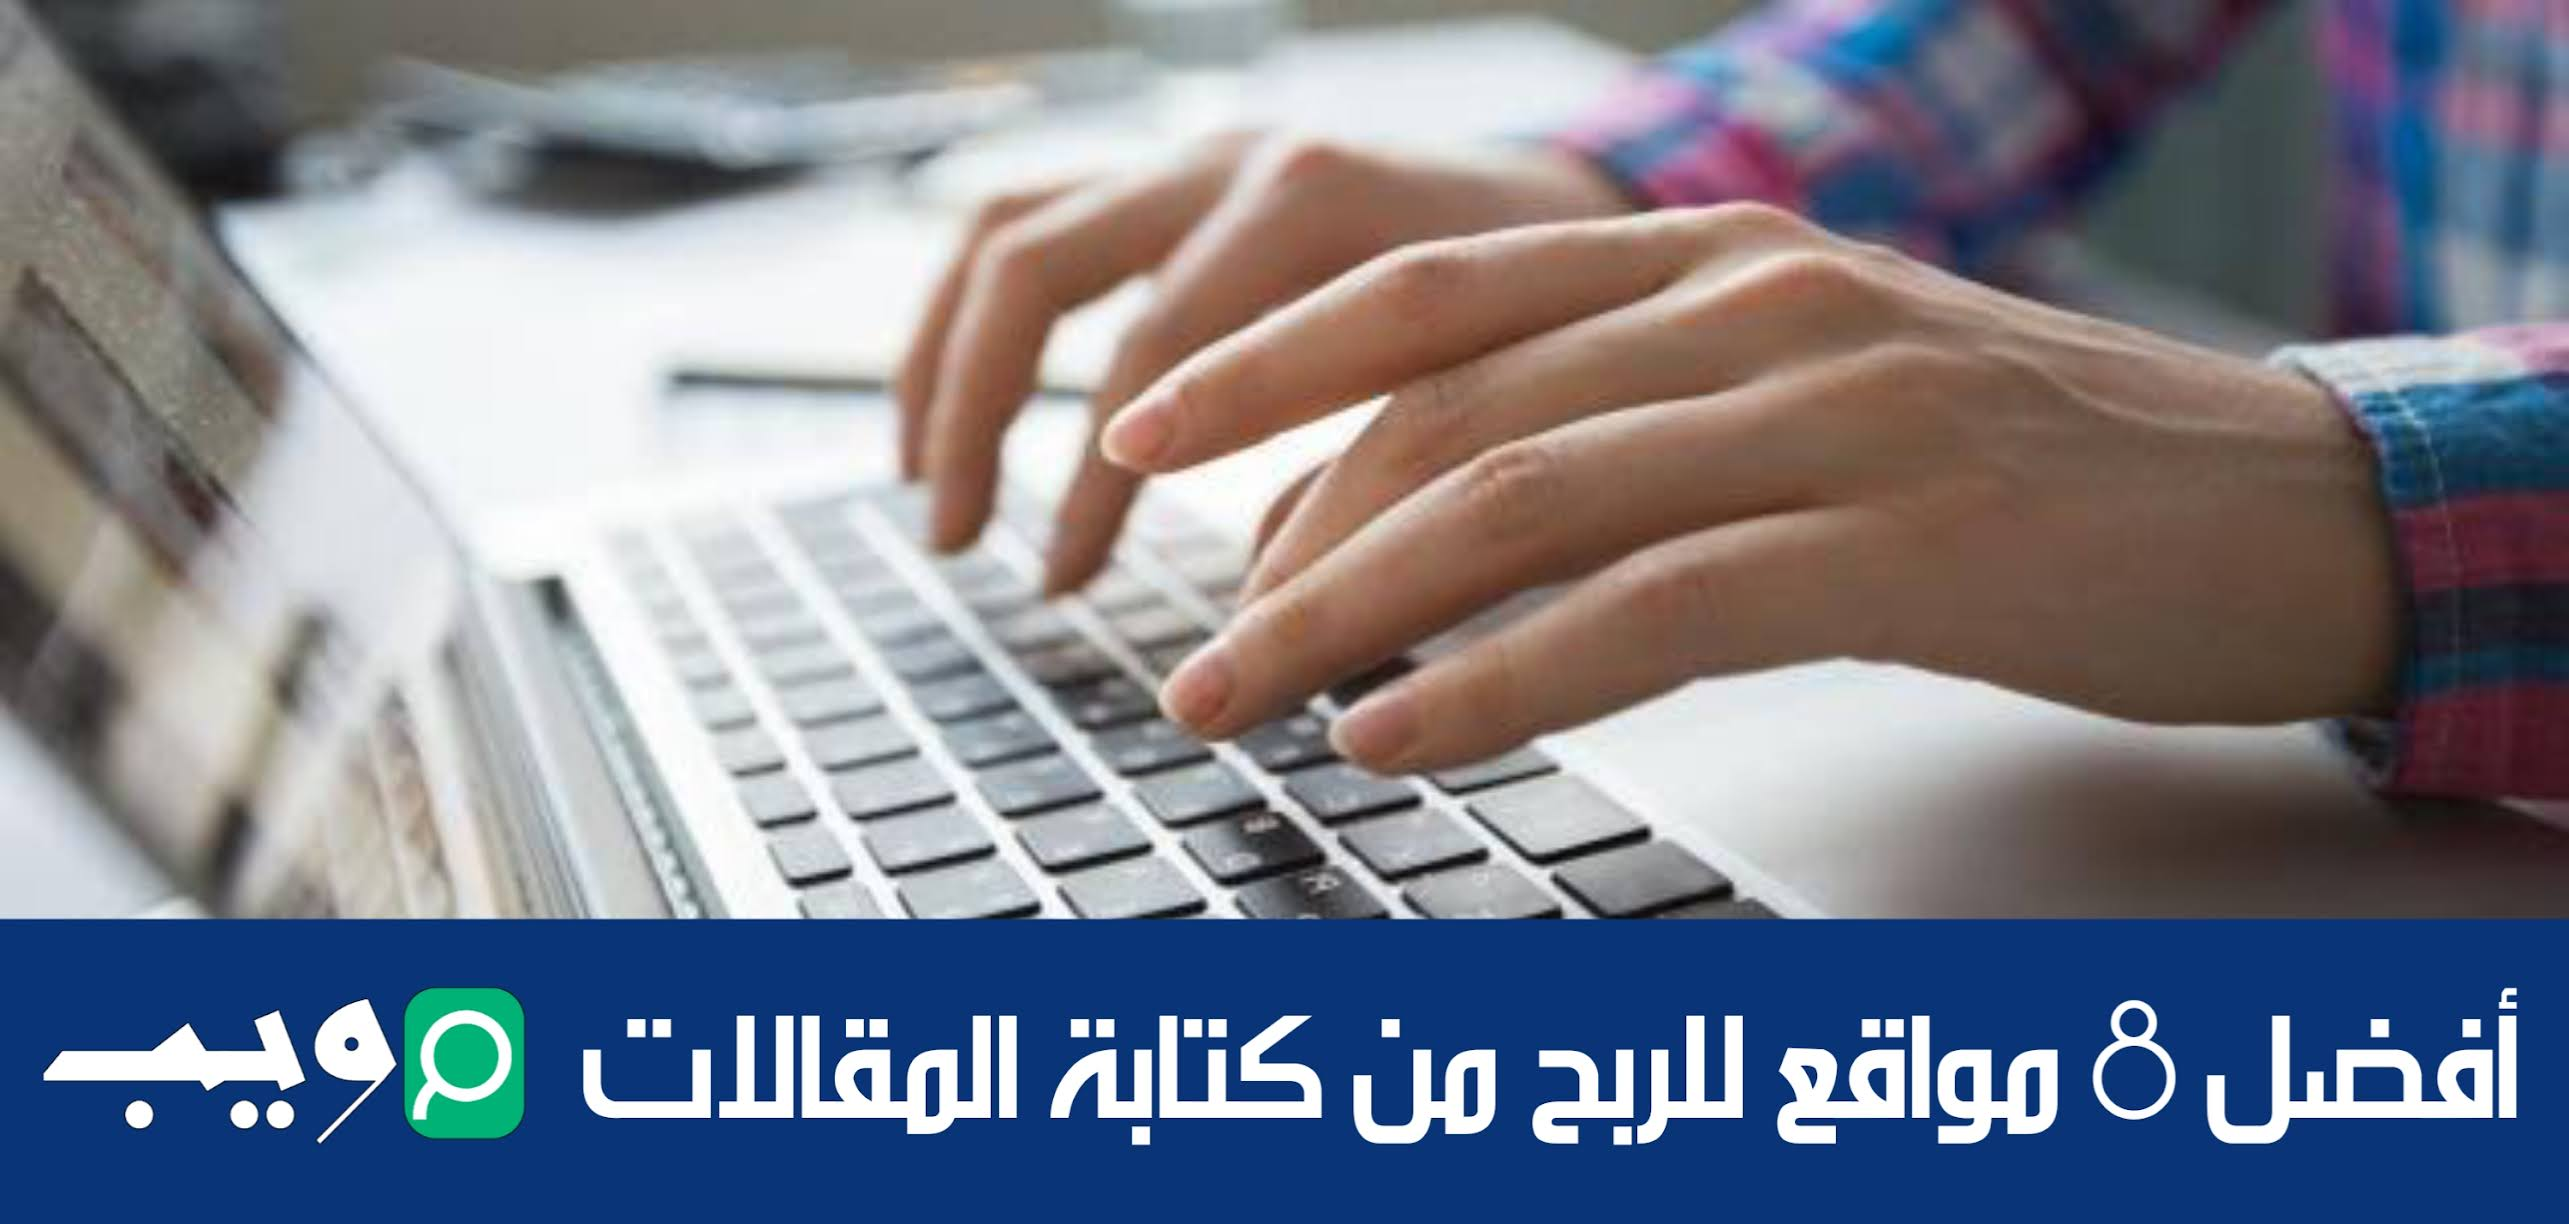 كيفية الربح من كتابة المقالات 300$ وأهم 8 مواقع عربية صادقة للربح (دليلك الشامل في2021)